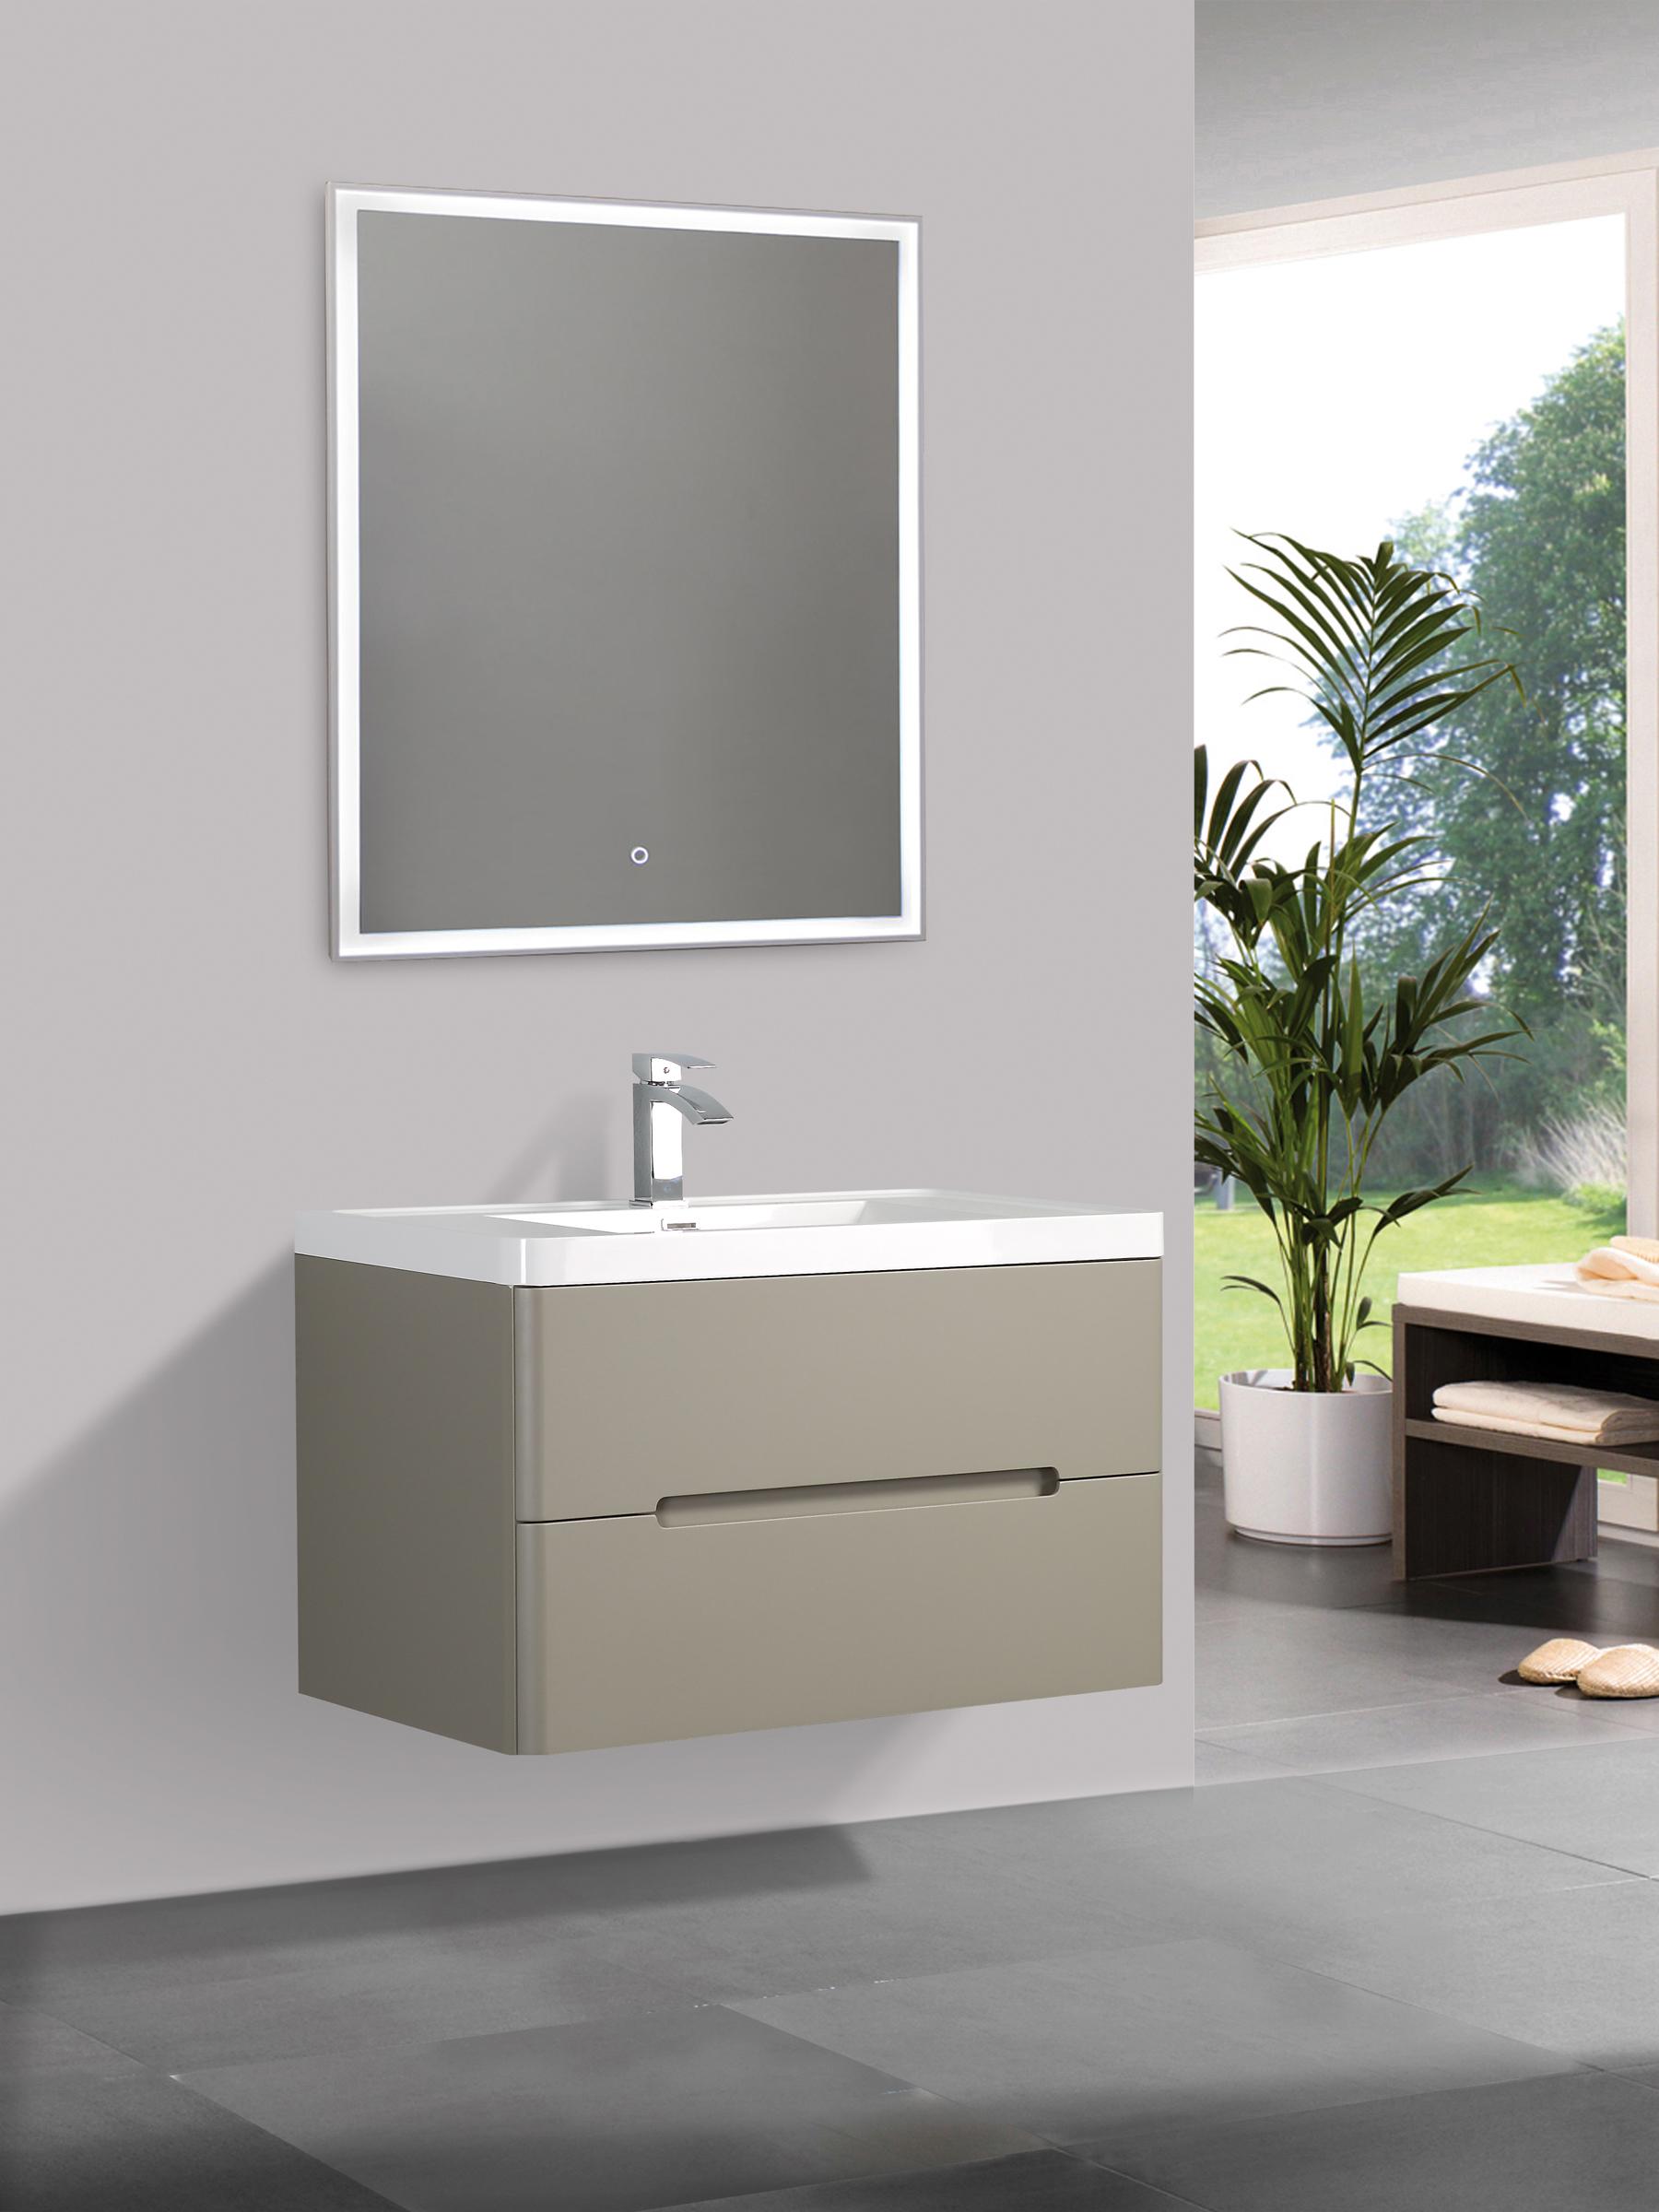 Bagno 2 X 2 mobili bagno — issue design